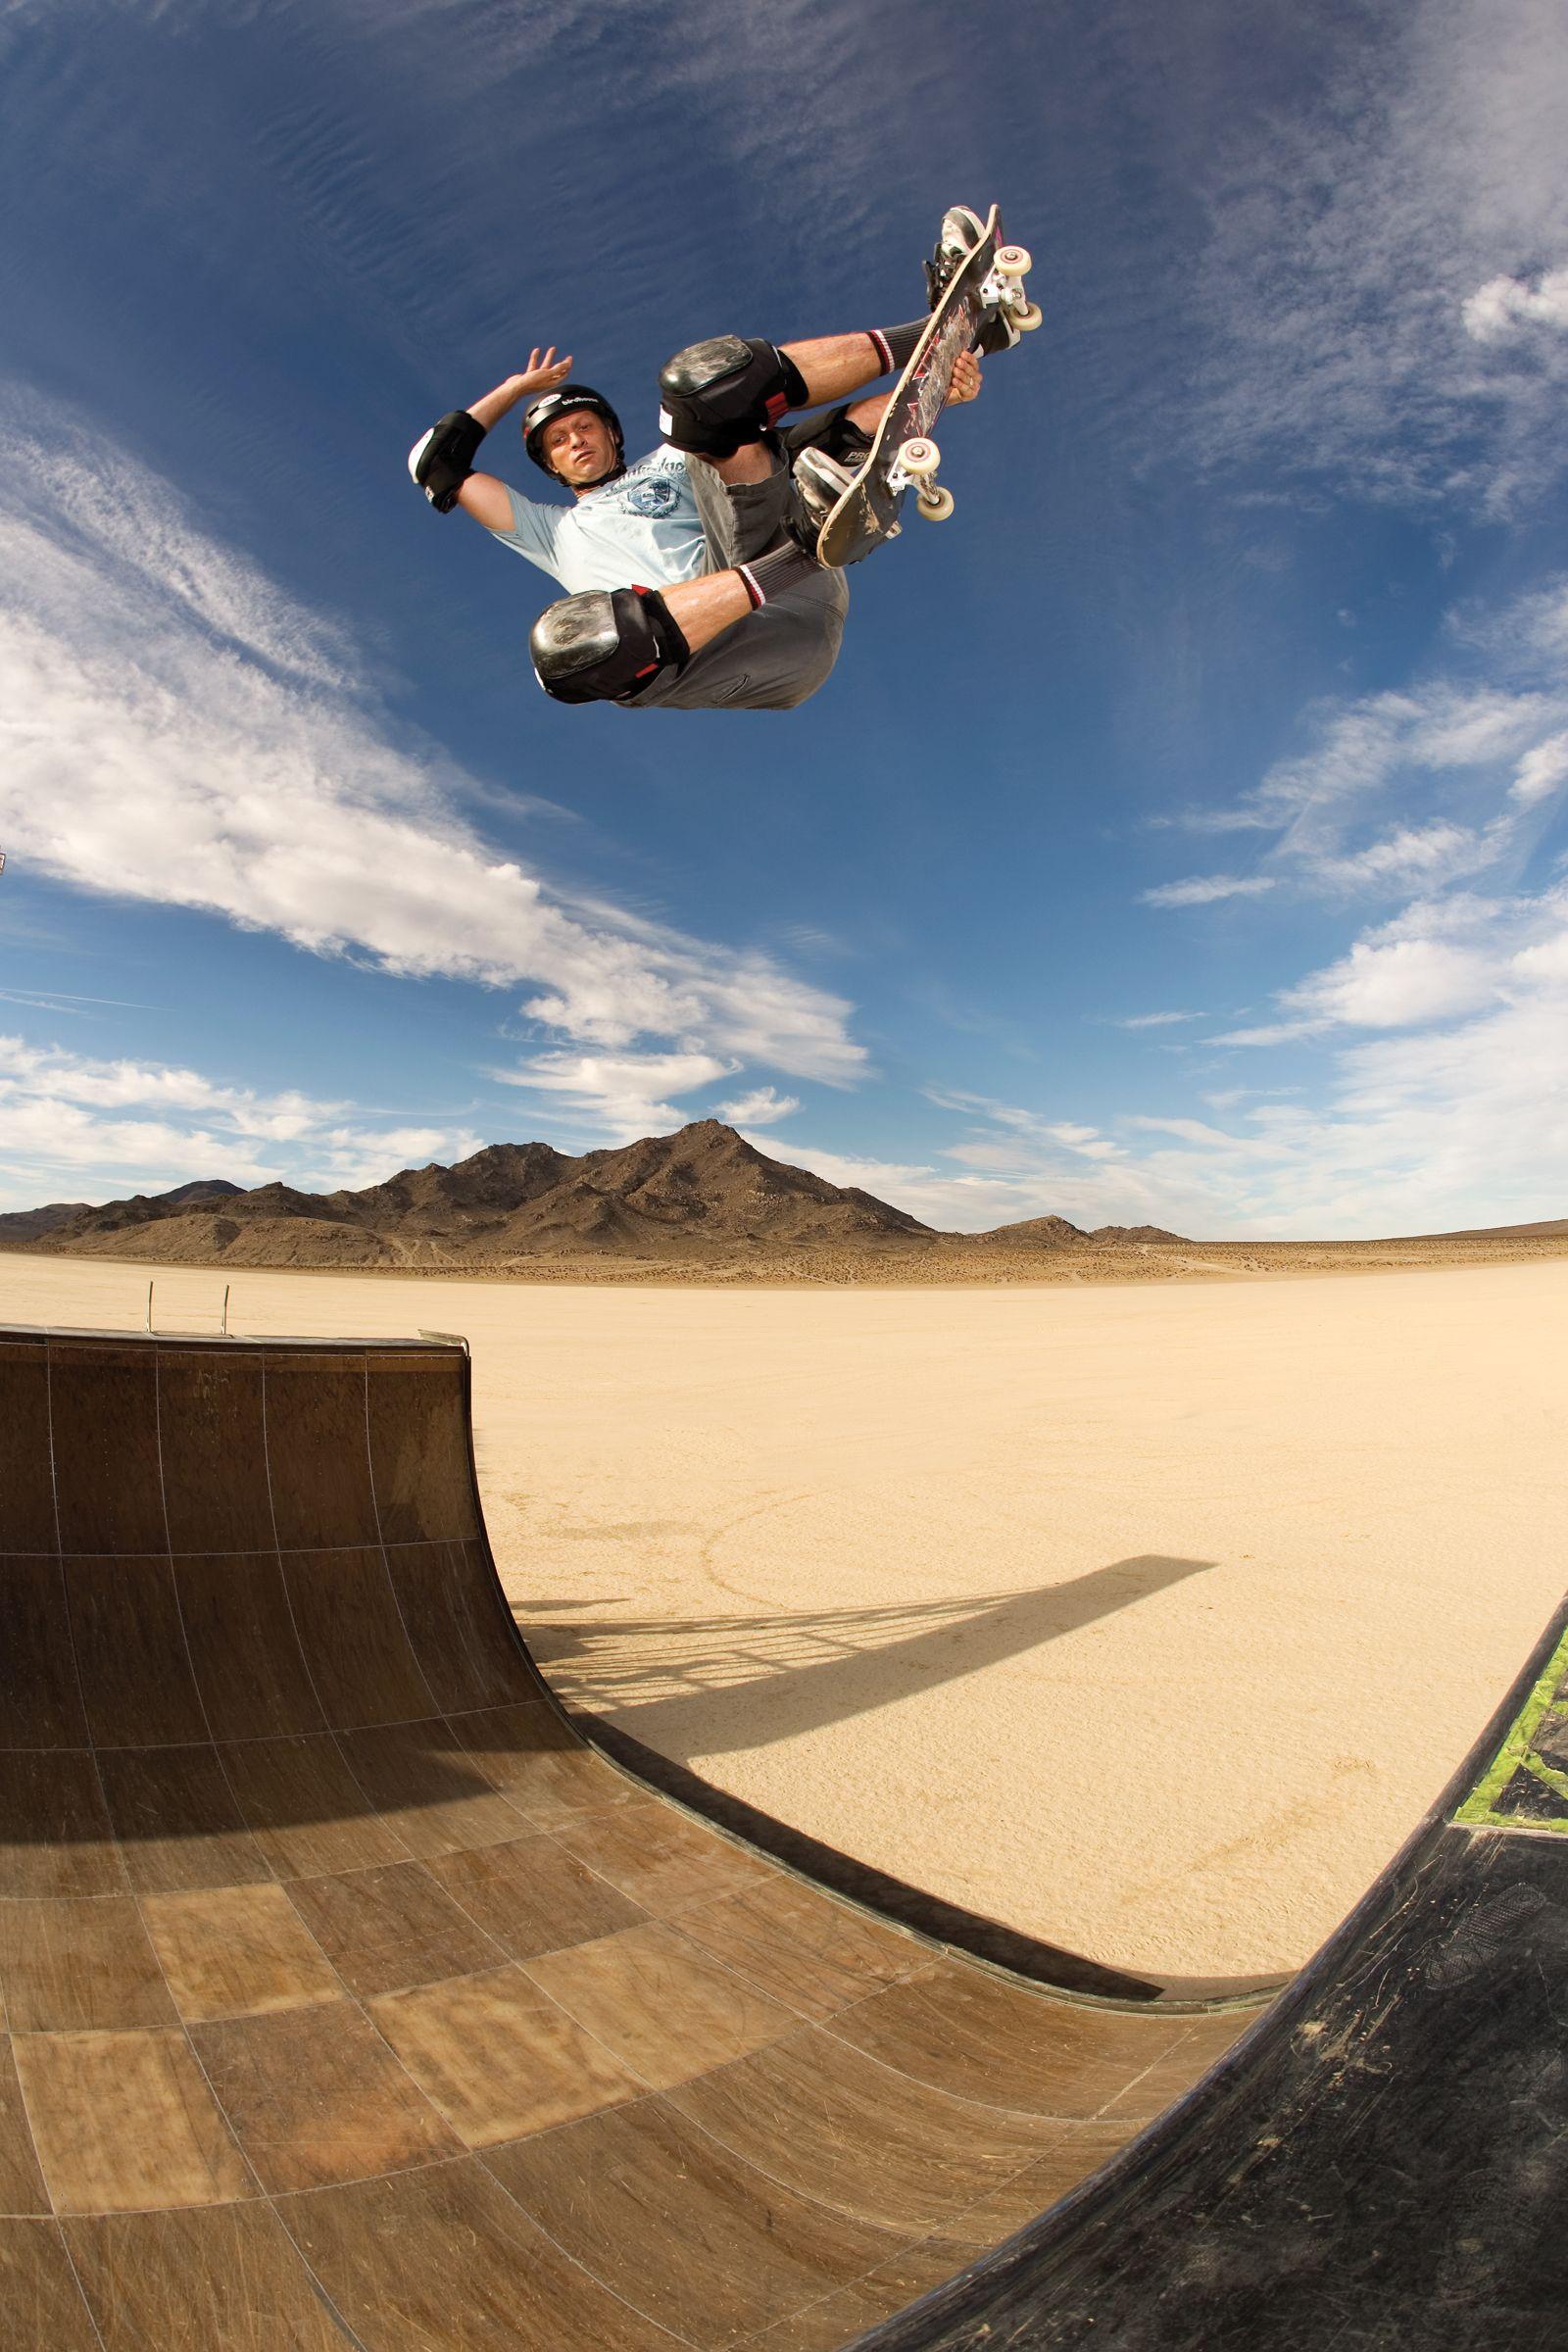 Tony Hawk Stalefish Skate